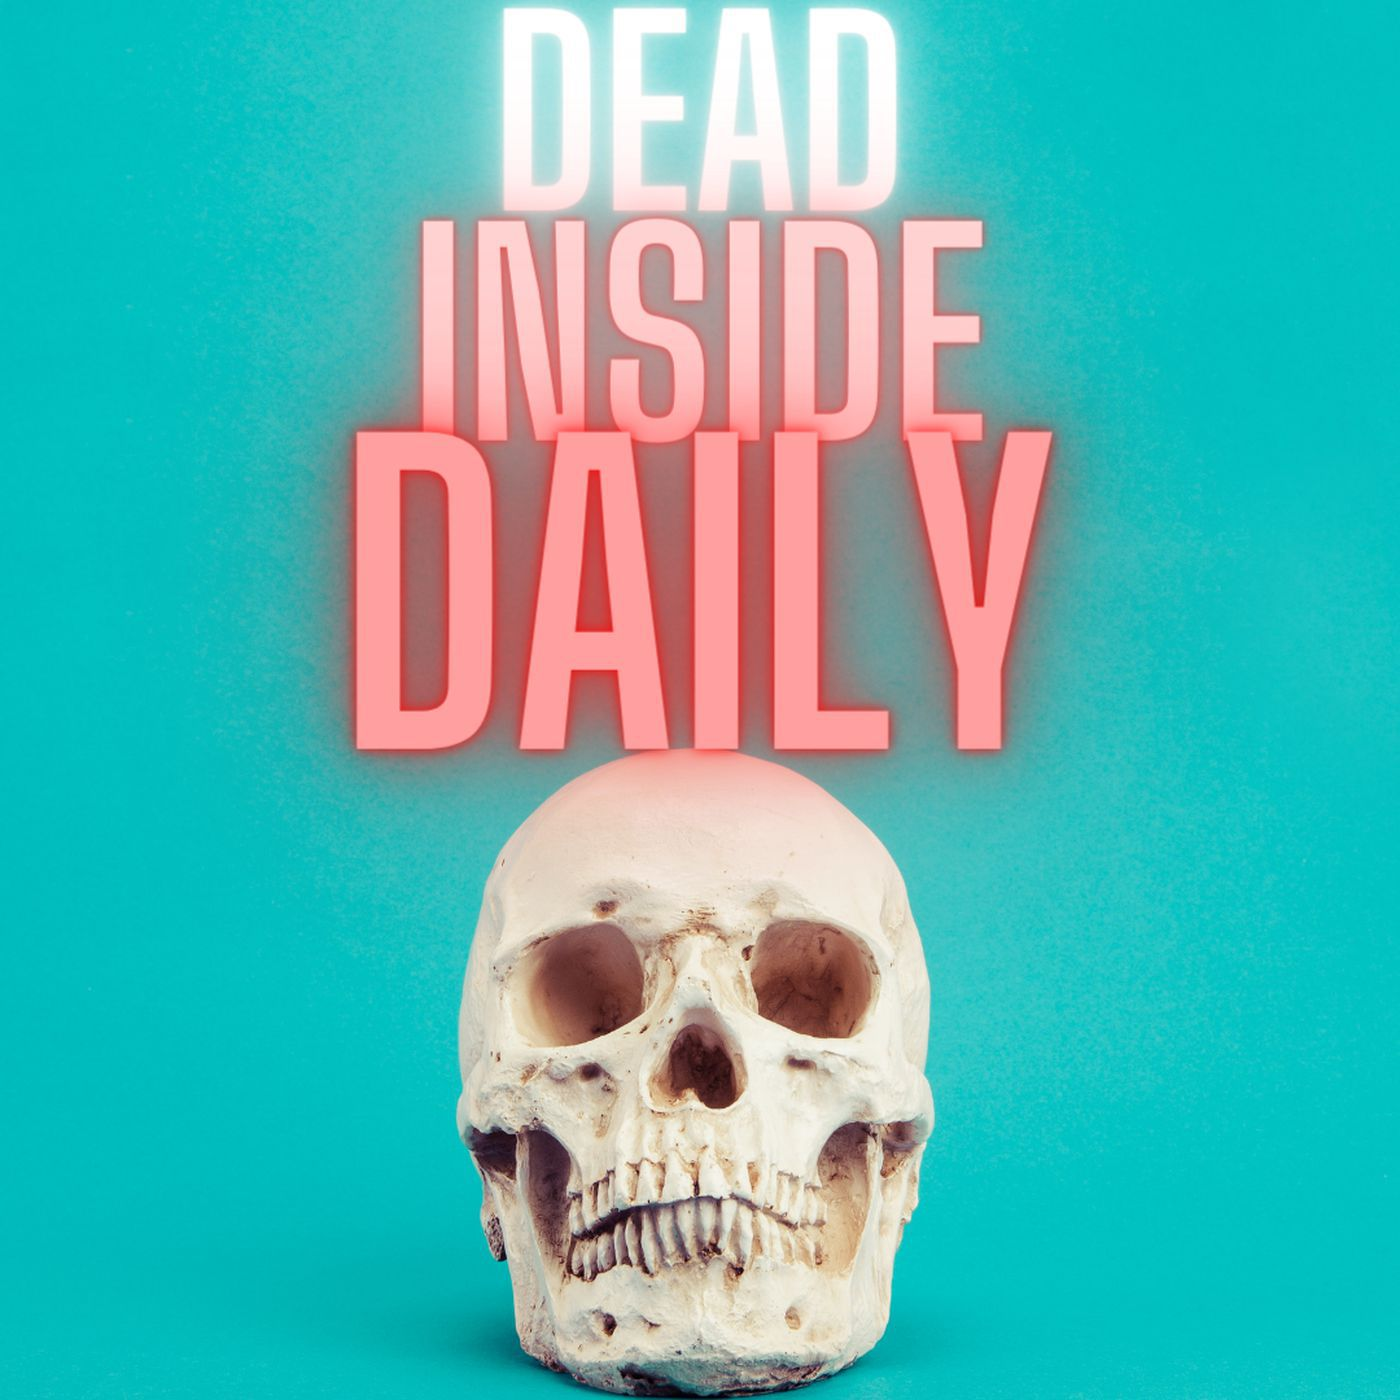 Dead Inside Daily